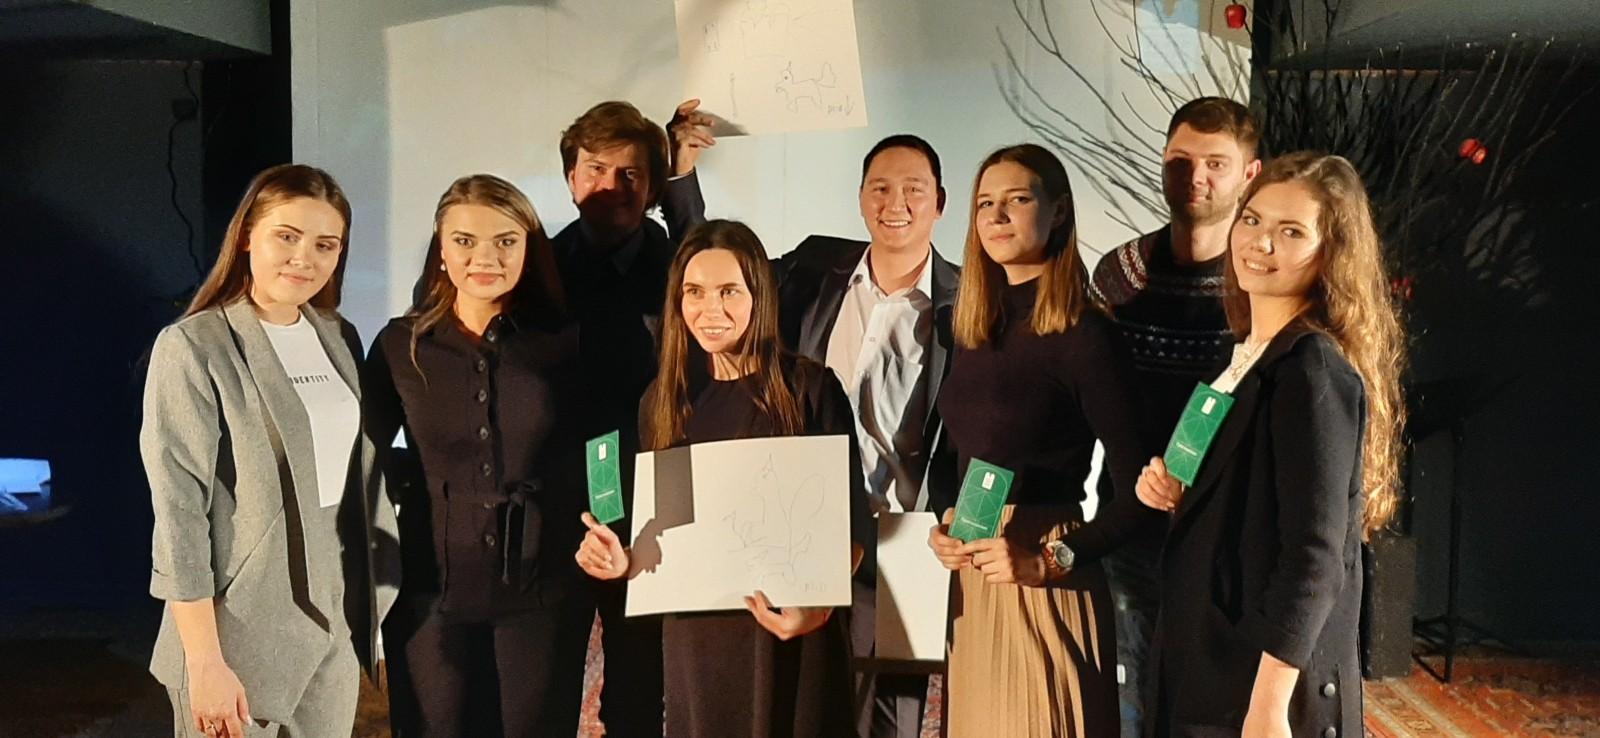 Студенты-журналисты АГУ вступили в соревнование с актёрами театра оперы и балета